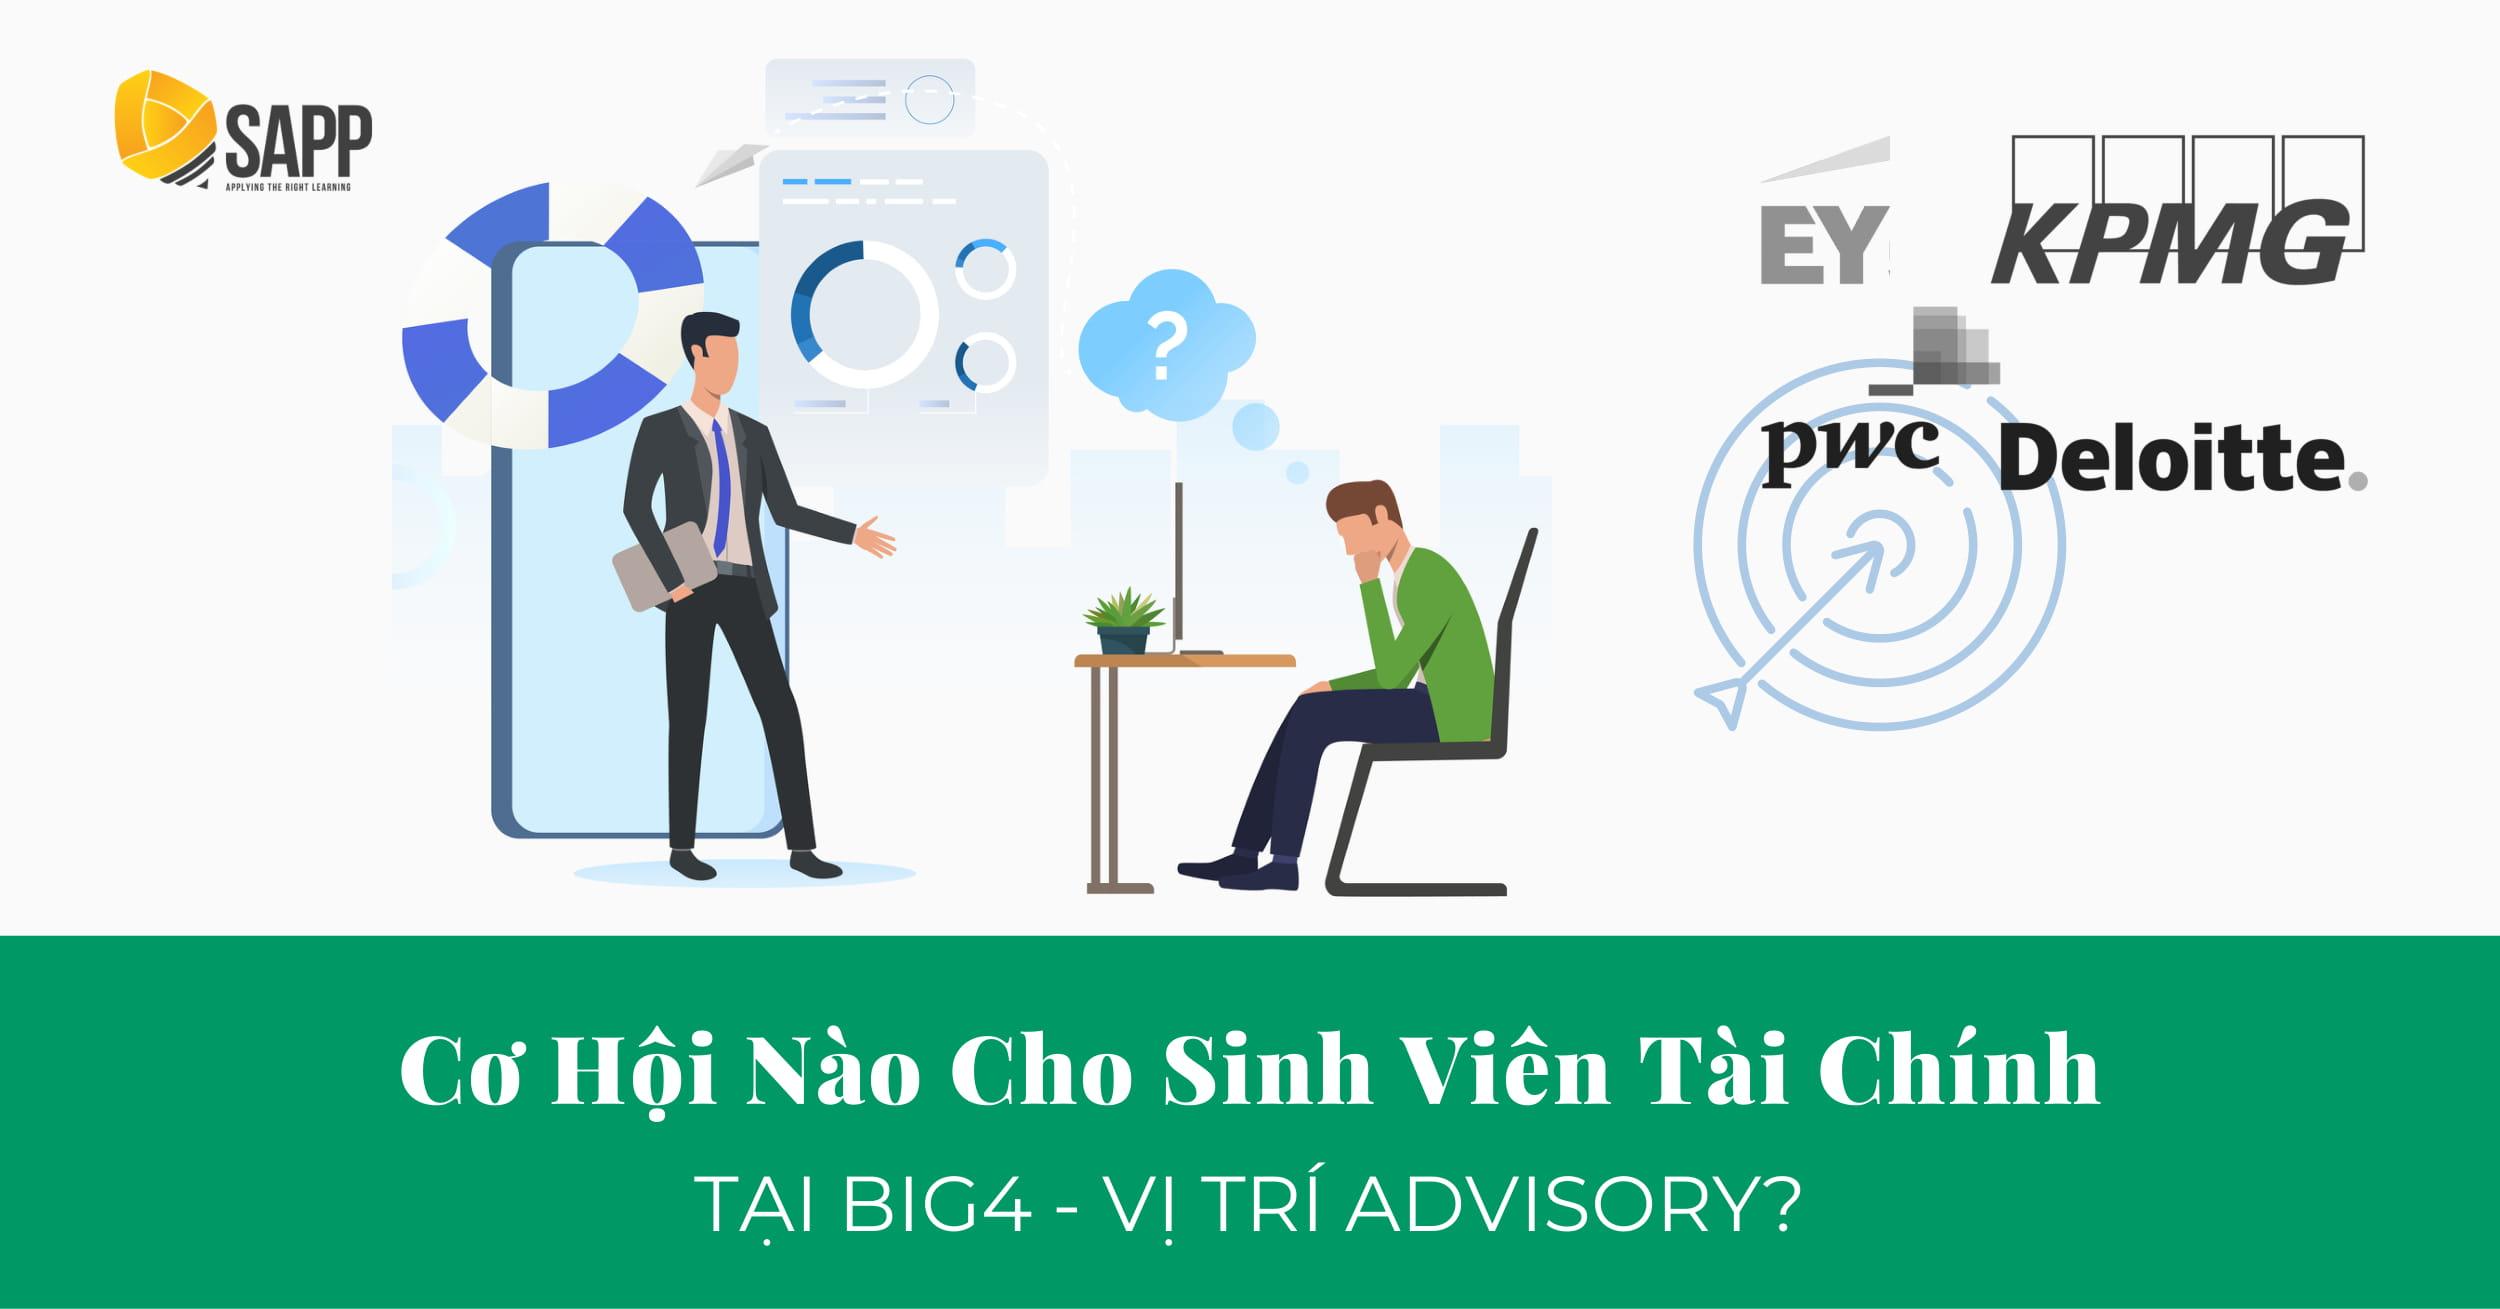 Cơ Hội Nào Cho Sinh Viên Tài Chính Tại Big4 Ở Vị Trí Advisory? - SAPP Academy